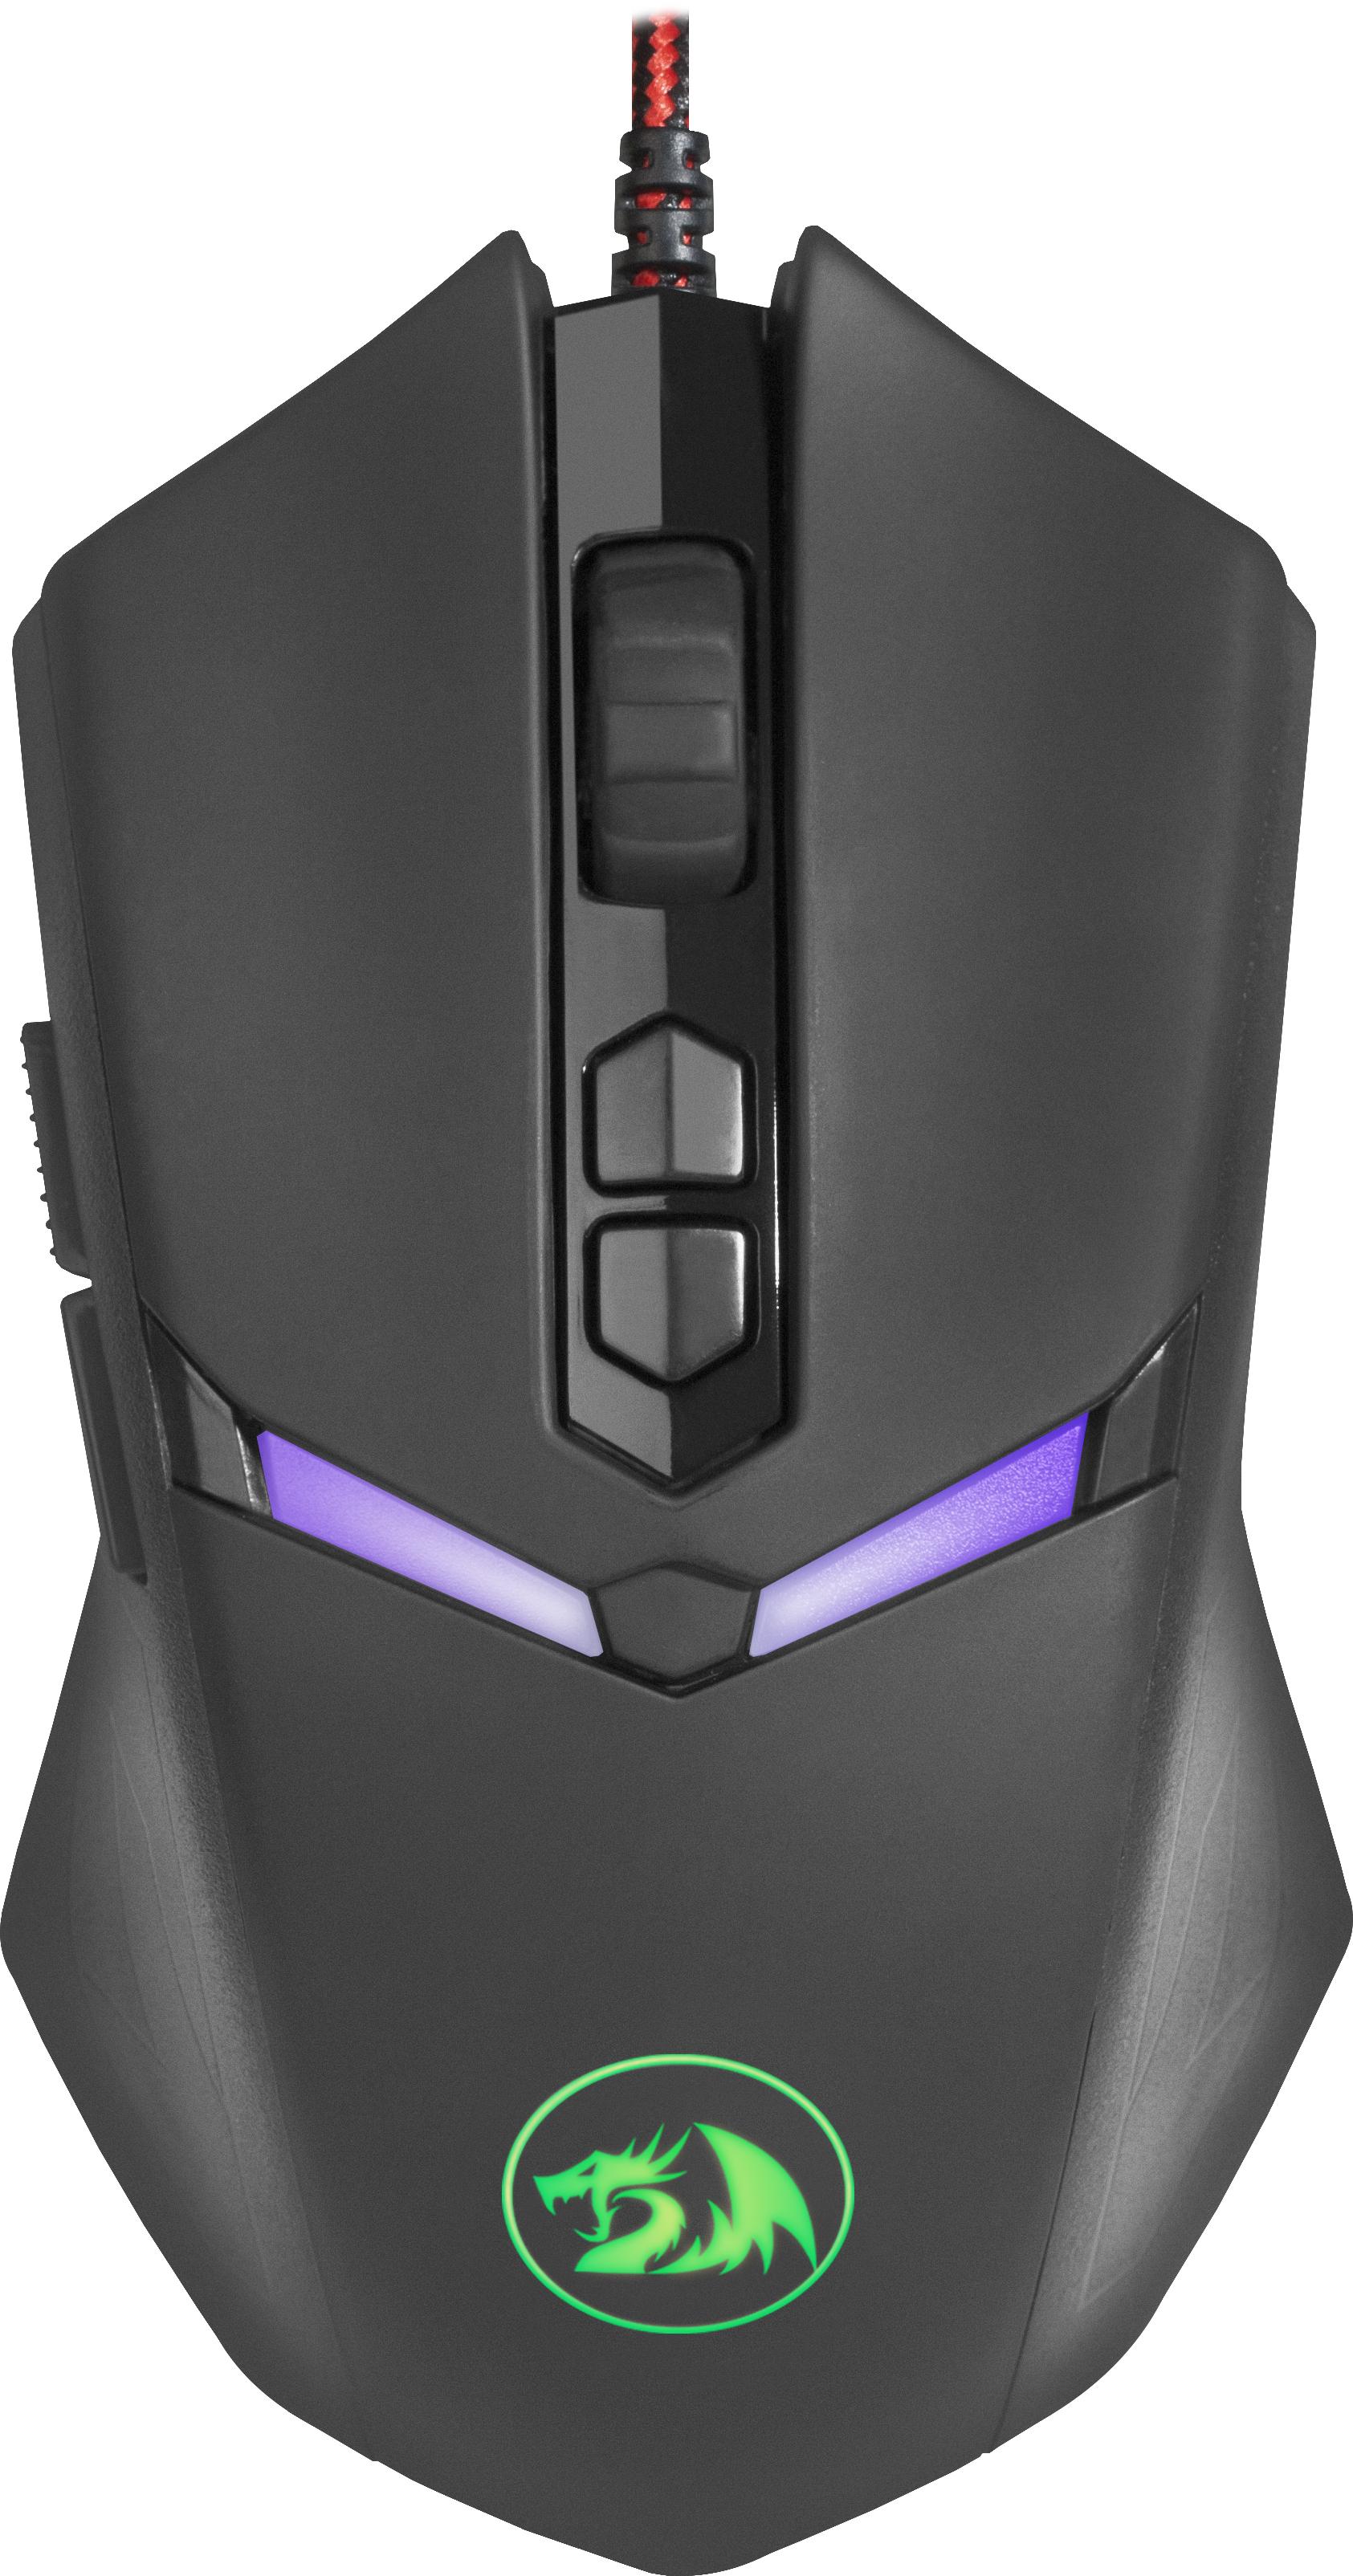 Игровая мышь Redragon Nemeanlion 2 оптика,RGB,7200dpi, 70438, черный